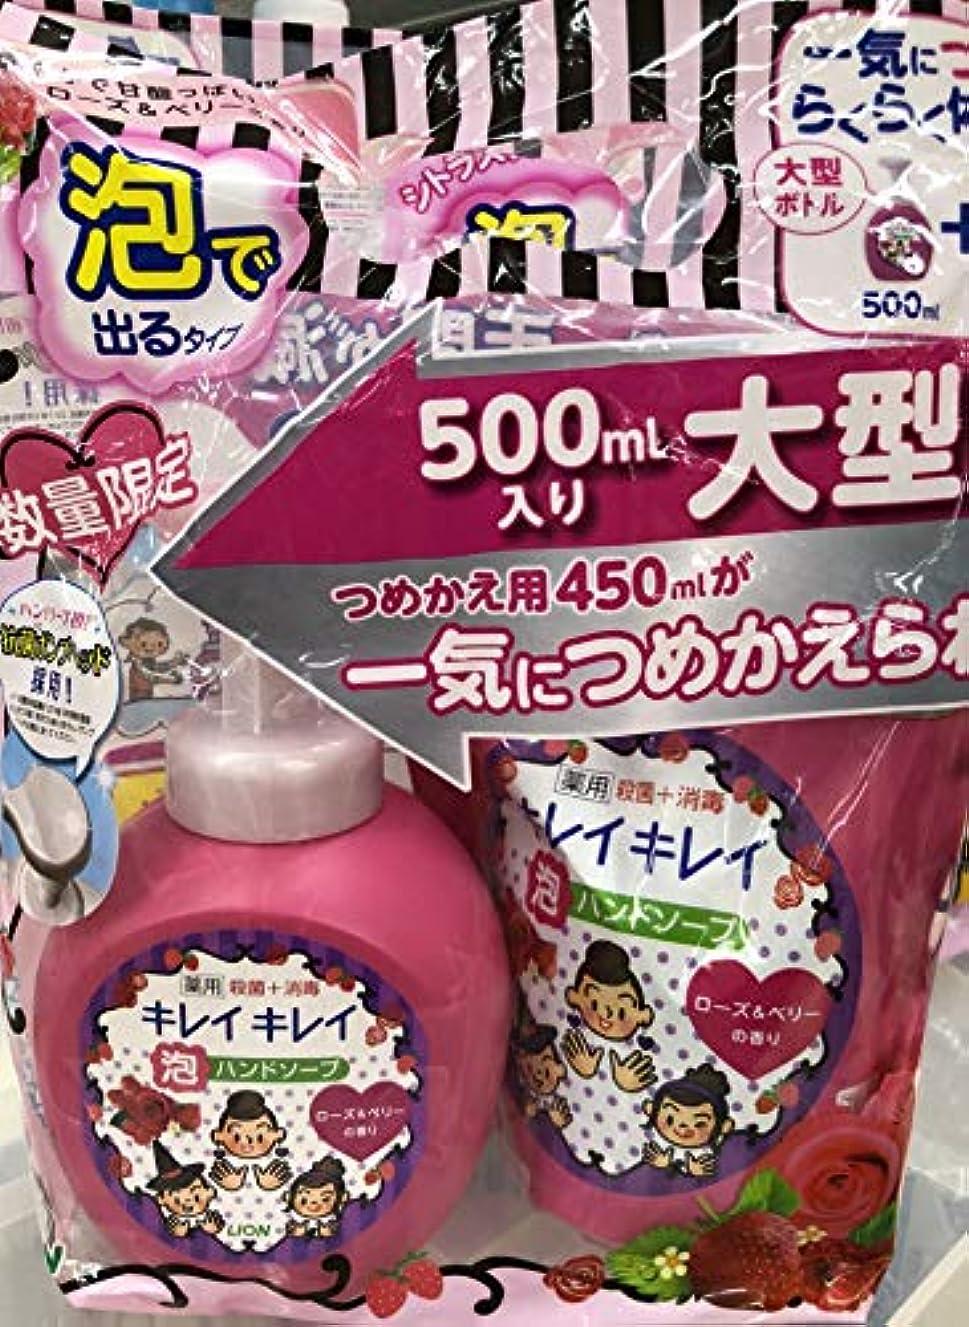 行商実行する絶壁ライオン キレイキレイ 薬用泡ハンドソープ ローズ & ベリーの香り 本体+つめ替えセット 500g+450g